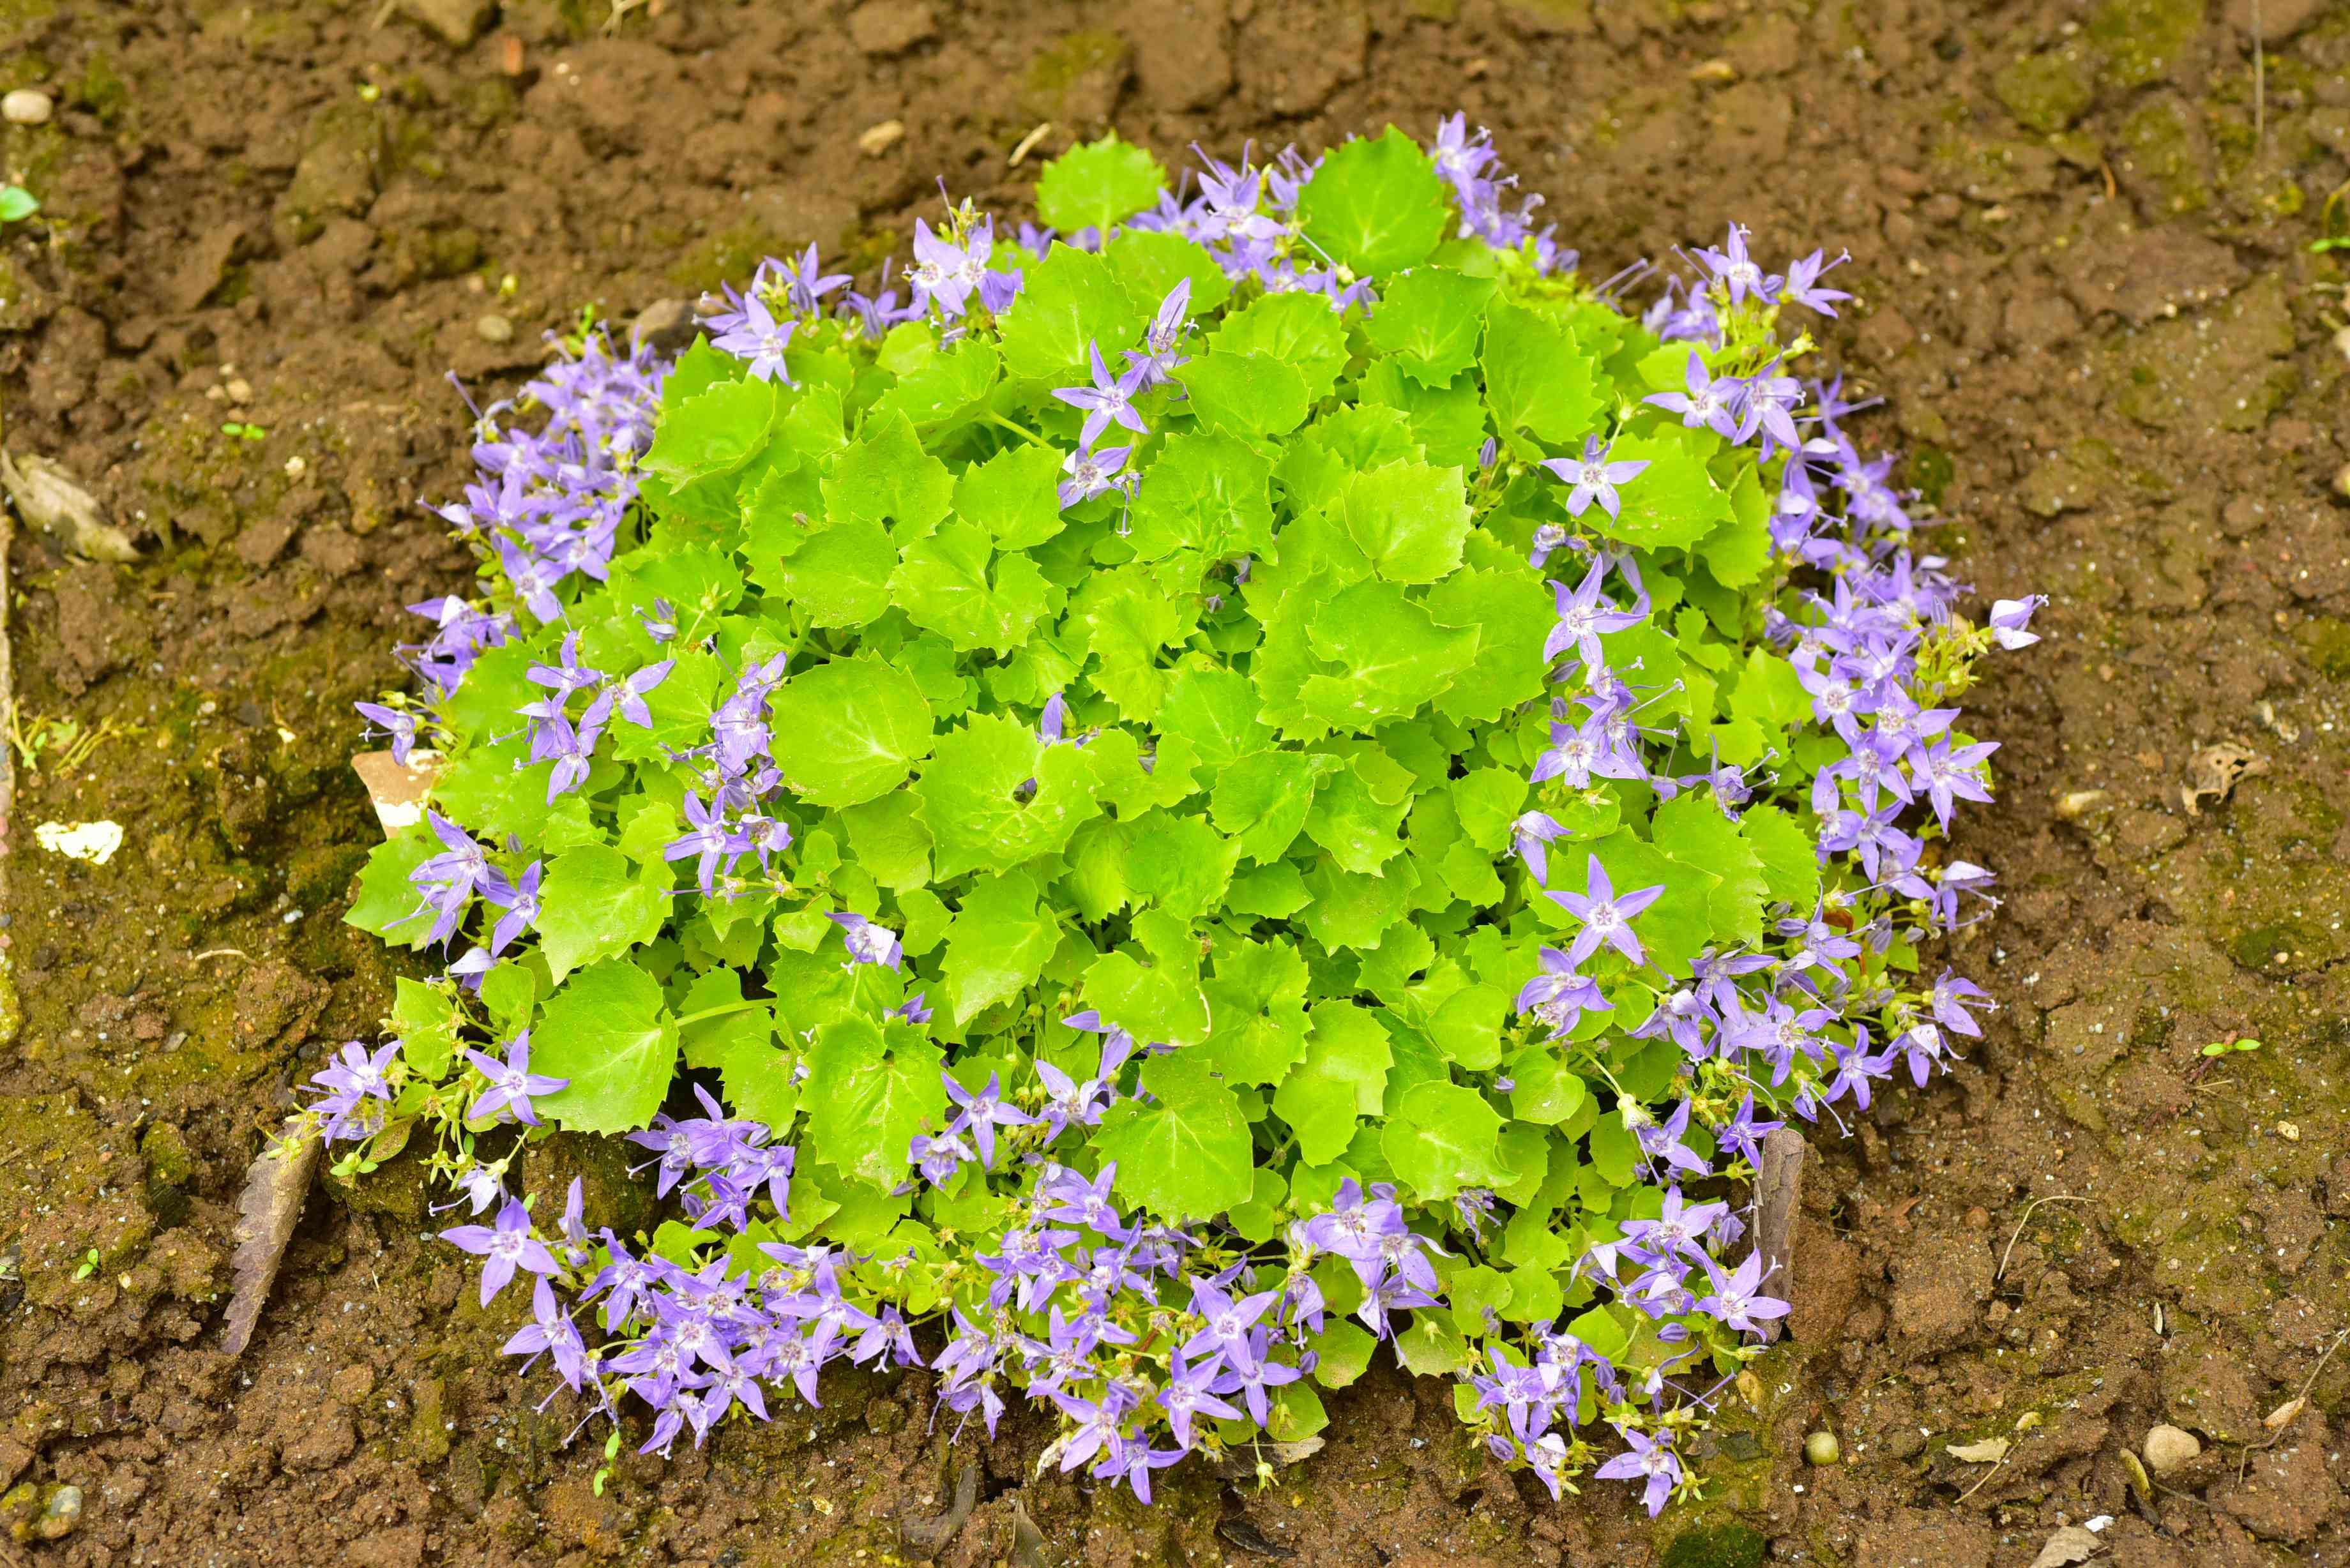 Serbian bellflower